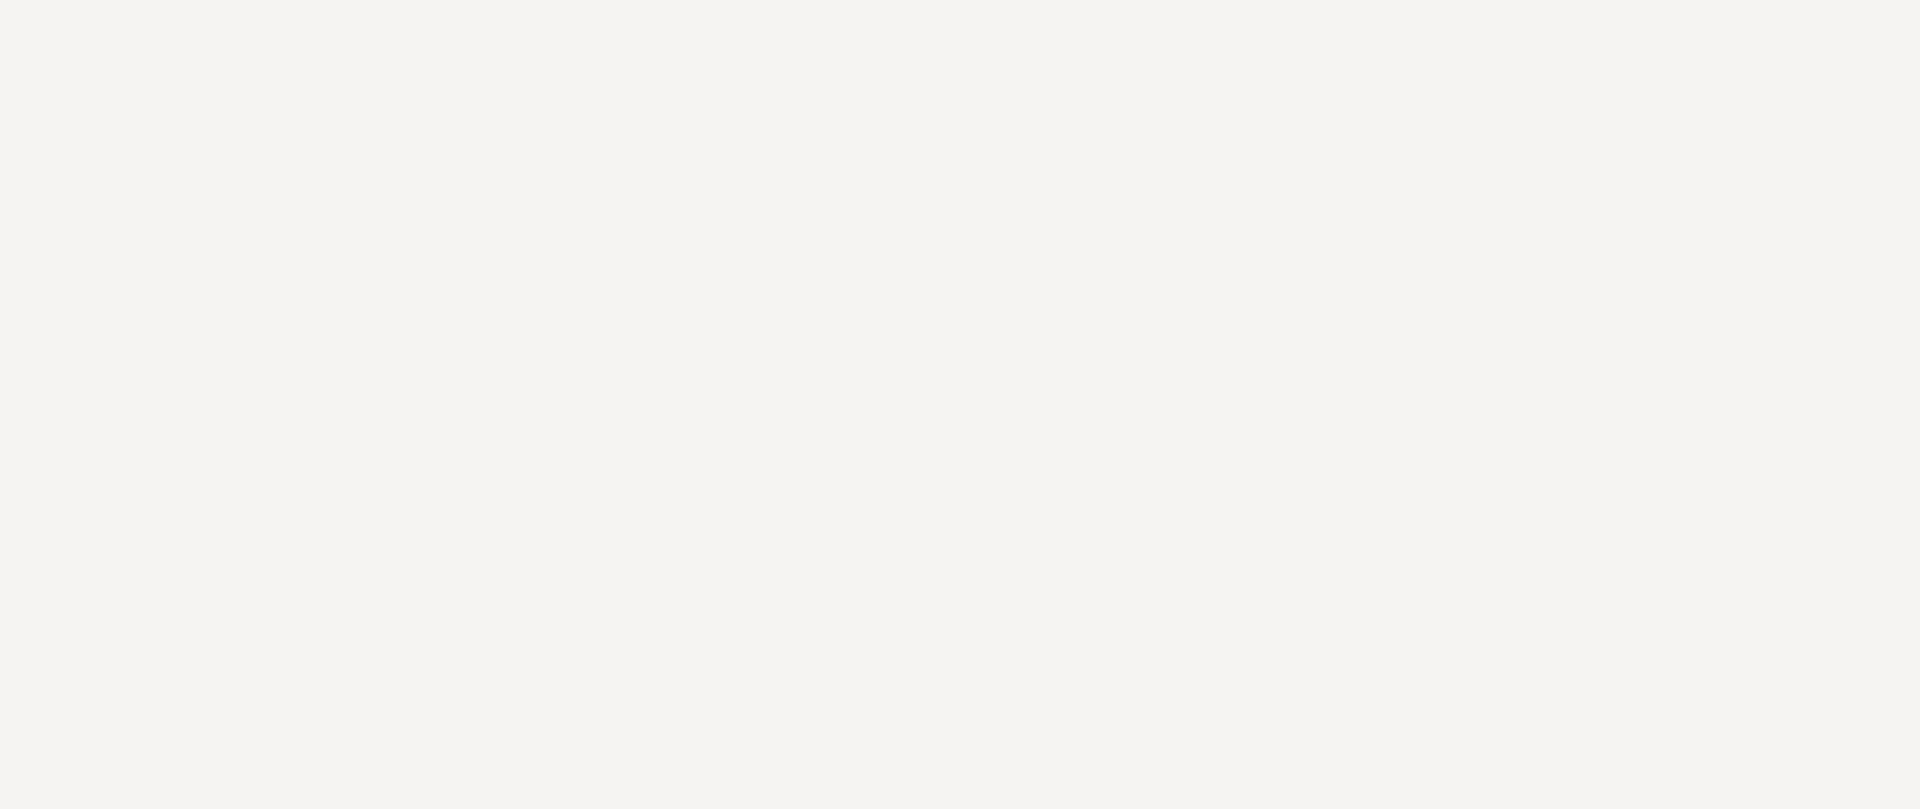 banner-background-shape2.png